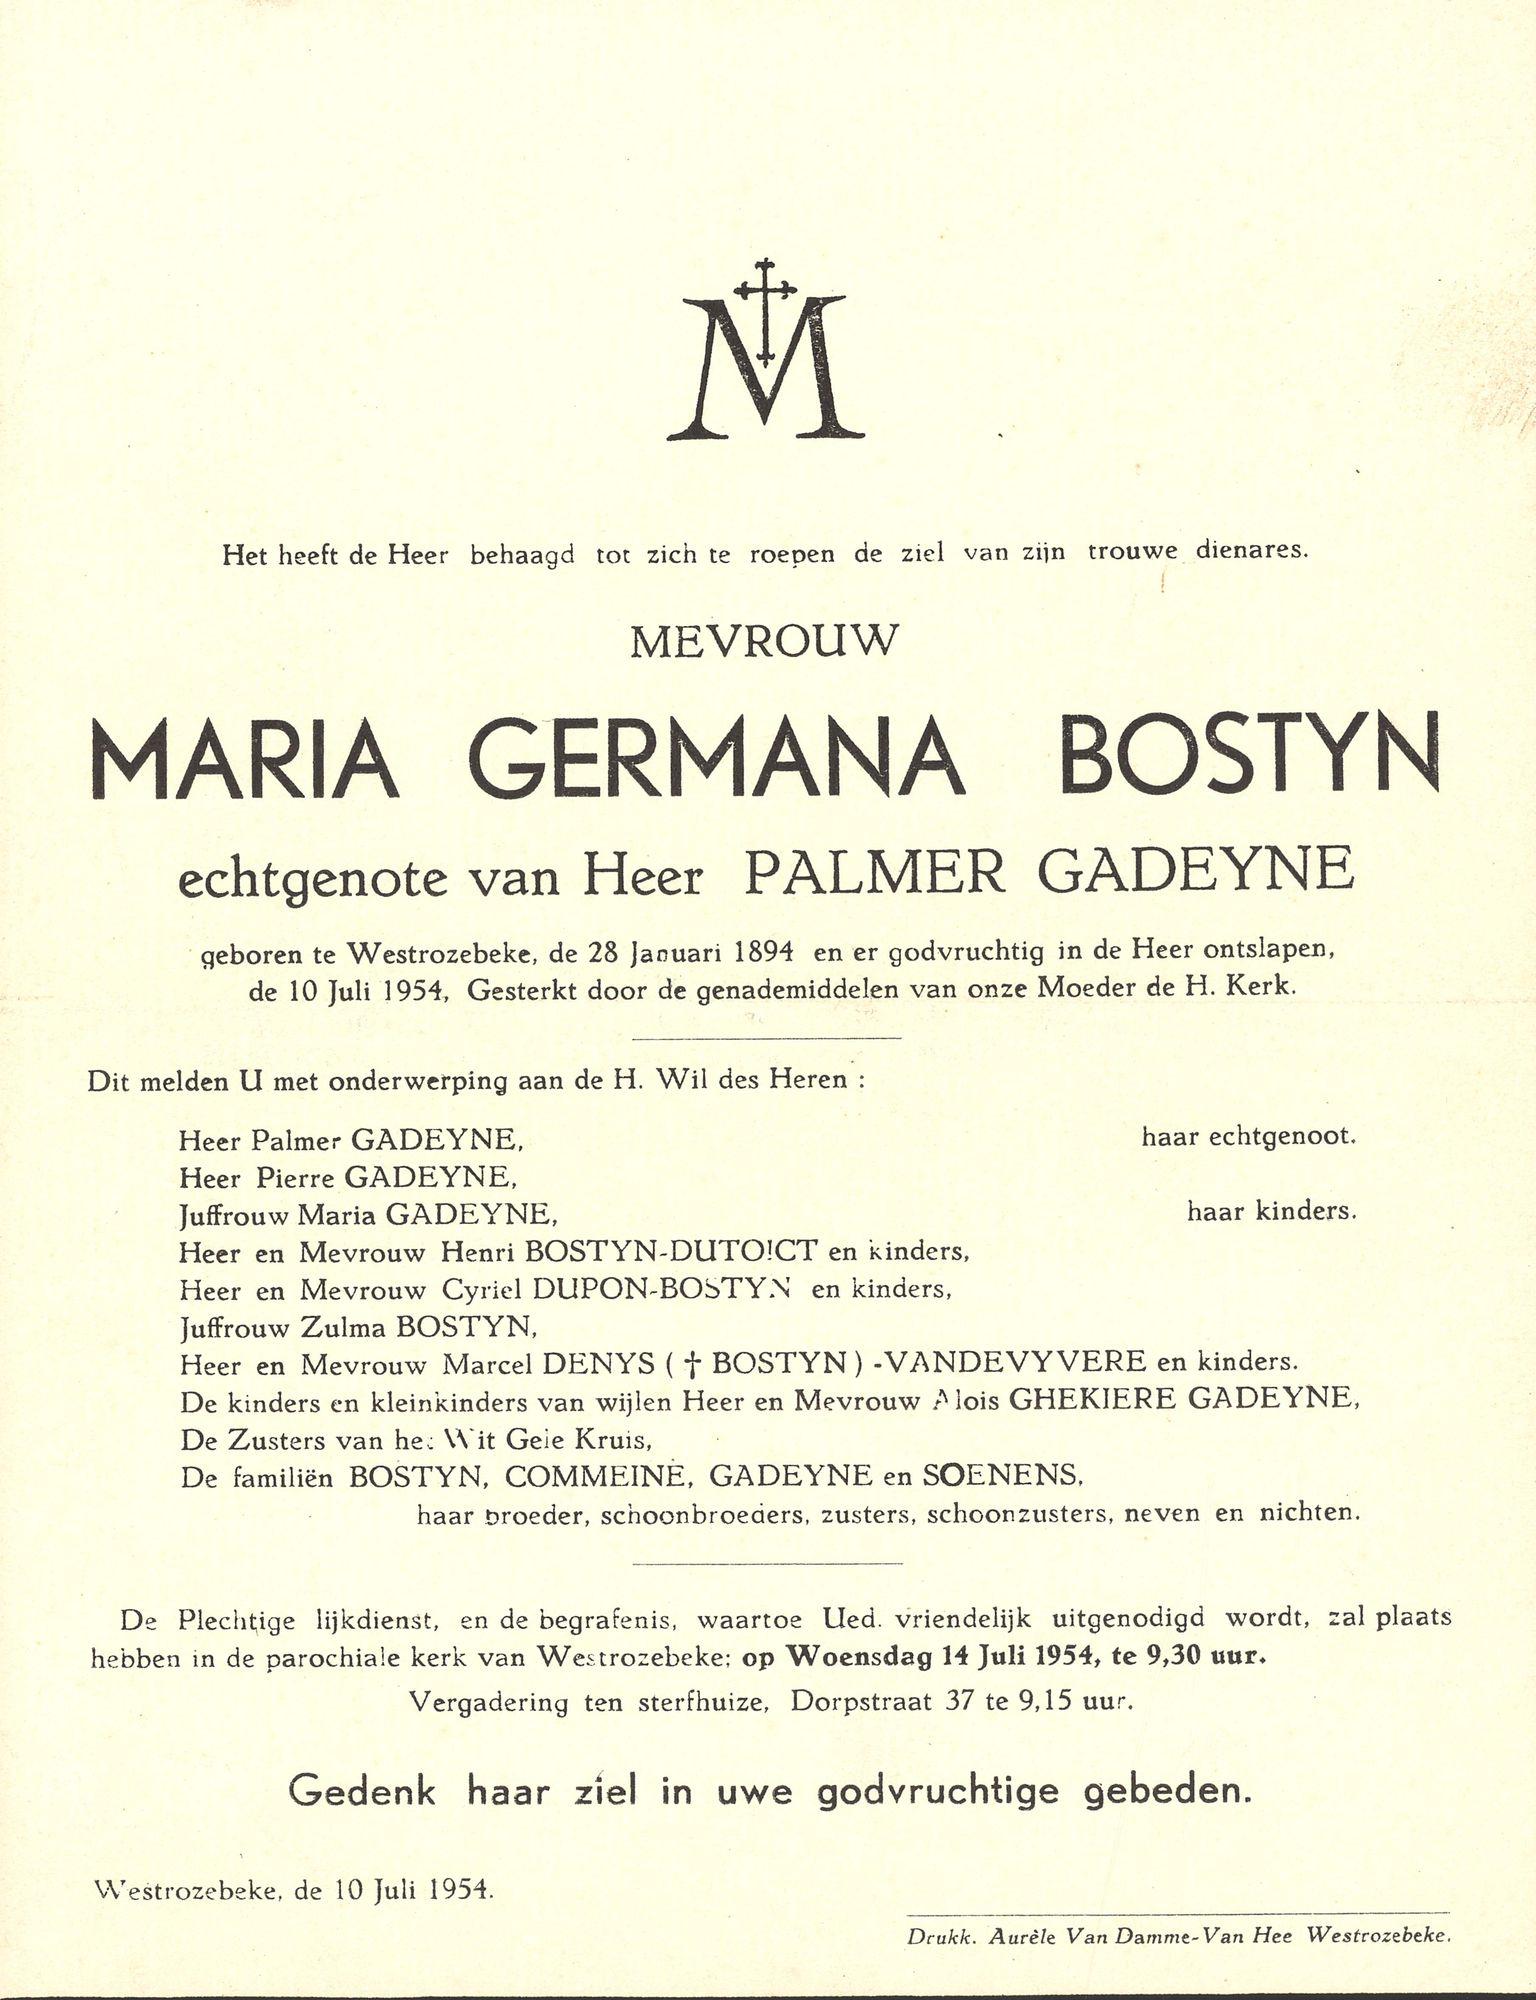 Maria Germana Bostyn